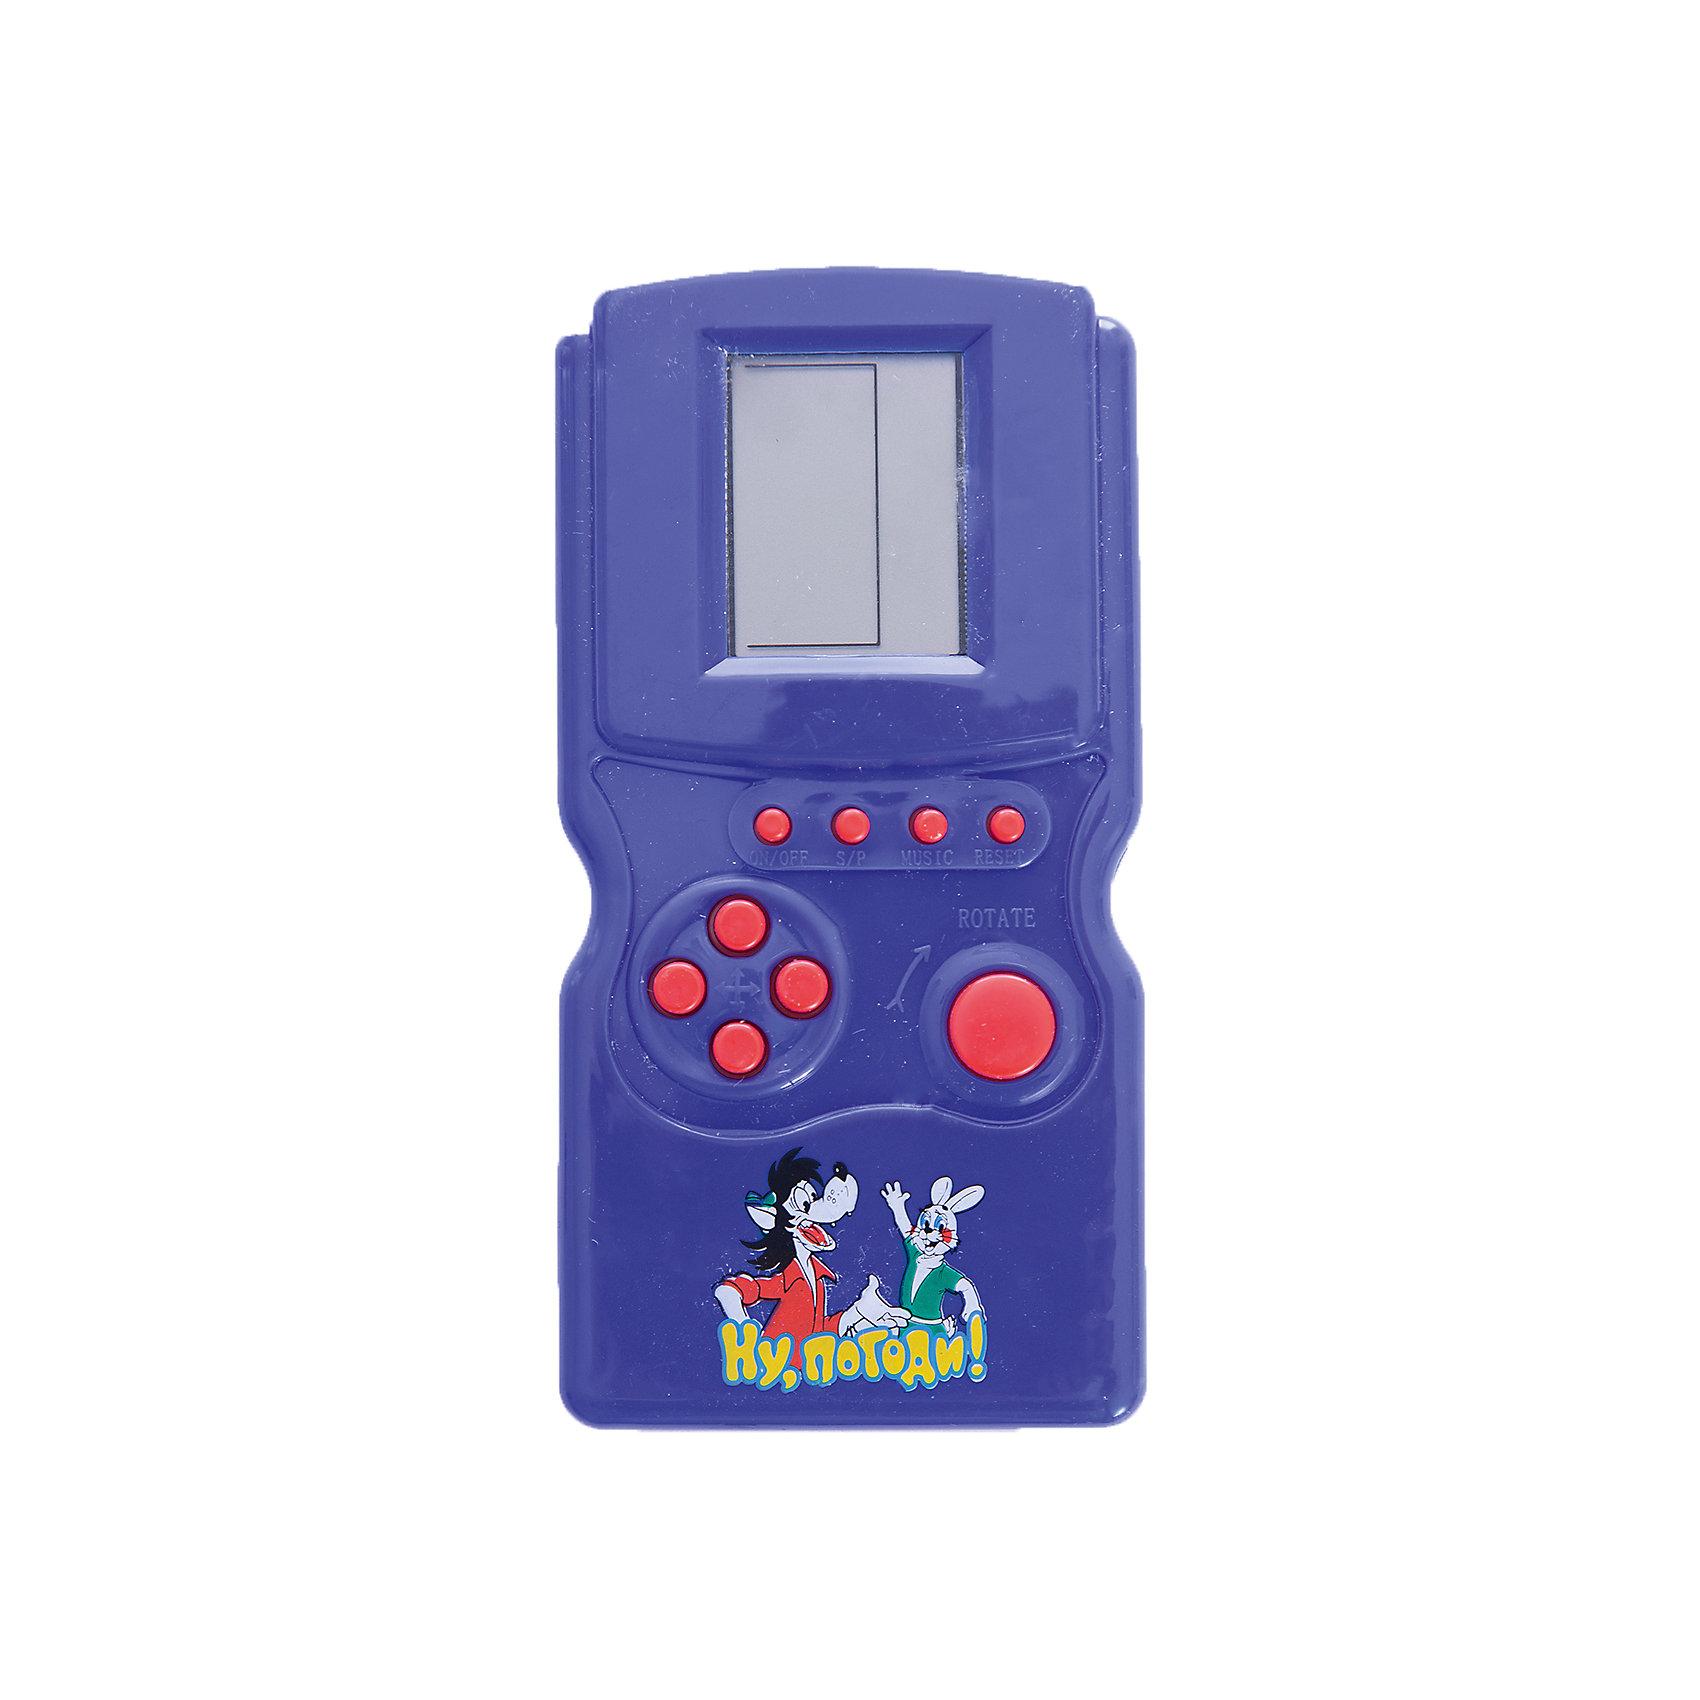 Игра электронная Тетрис Ну погоди, Играем вместеИгры для развлечений<br>Известная игра Тетрис в дизайне популярного мультфильма Ну погодиувлечет на долгое время вашего ребенка. Каждая игра, а всего их 12, содержит десятки уровней сложности, что будет интересным для детей разного возраста.<br><br>Ширина мм: 20<br>Глубина мм: 130<br>Высота мм: 70<br>Вес г: 70<br>Возраст от месяцев: 36<br>Возраст до месяцев: 144<br>Пол: Унисекс<br>Возраст: Детский<br>SKU: 5099107